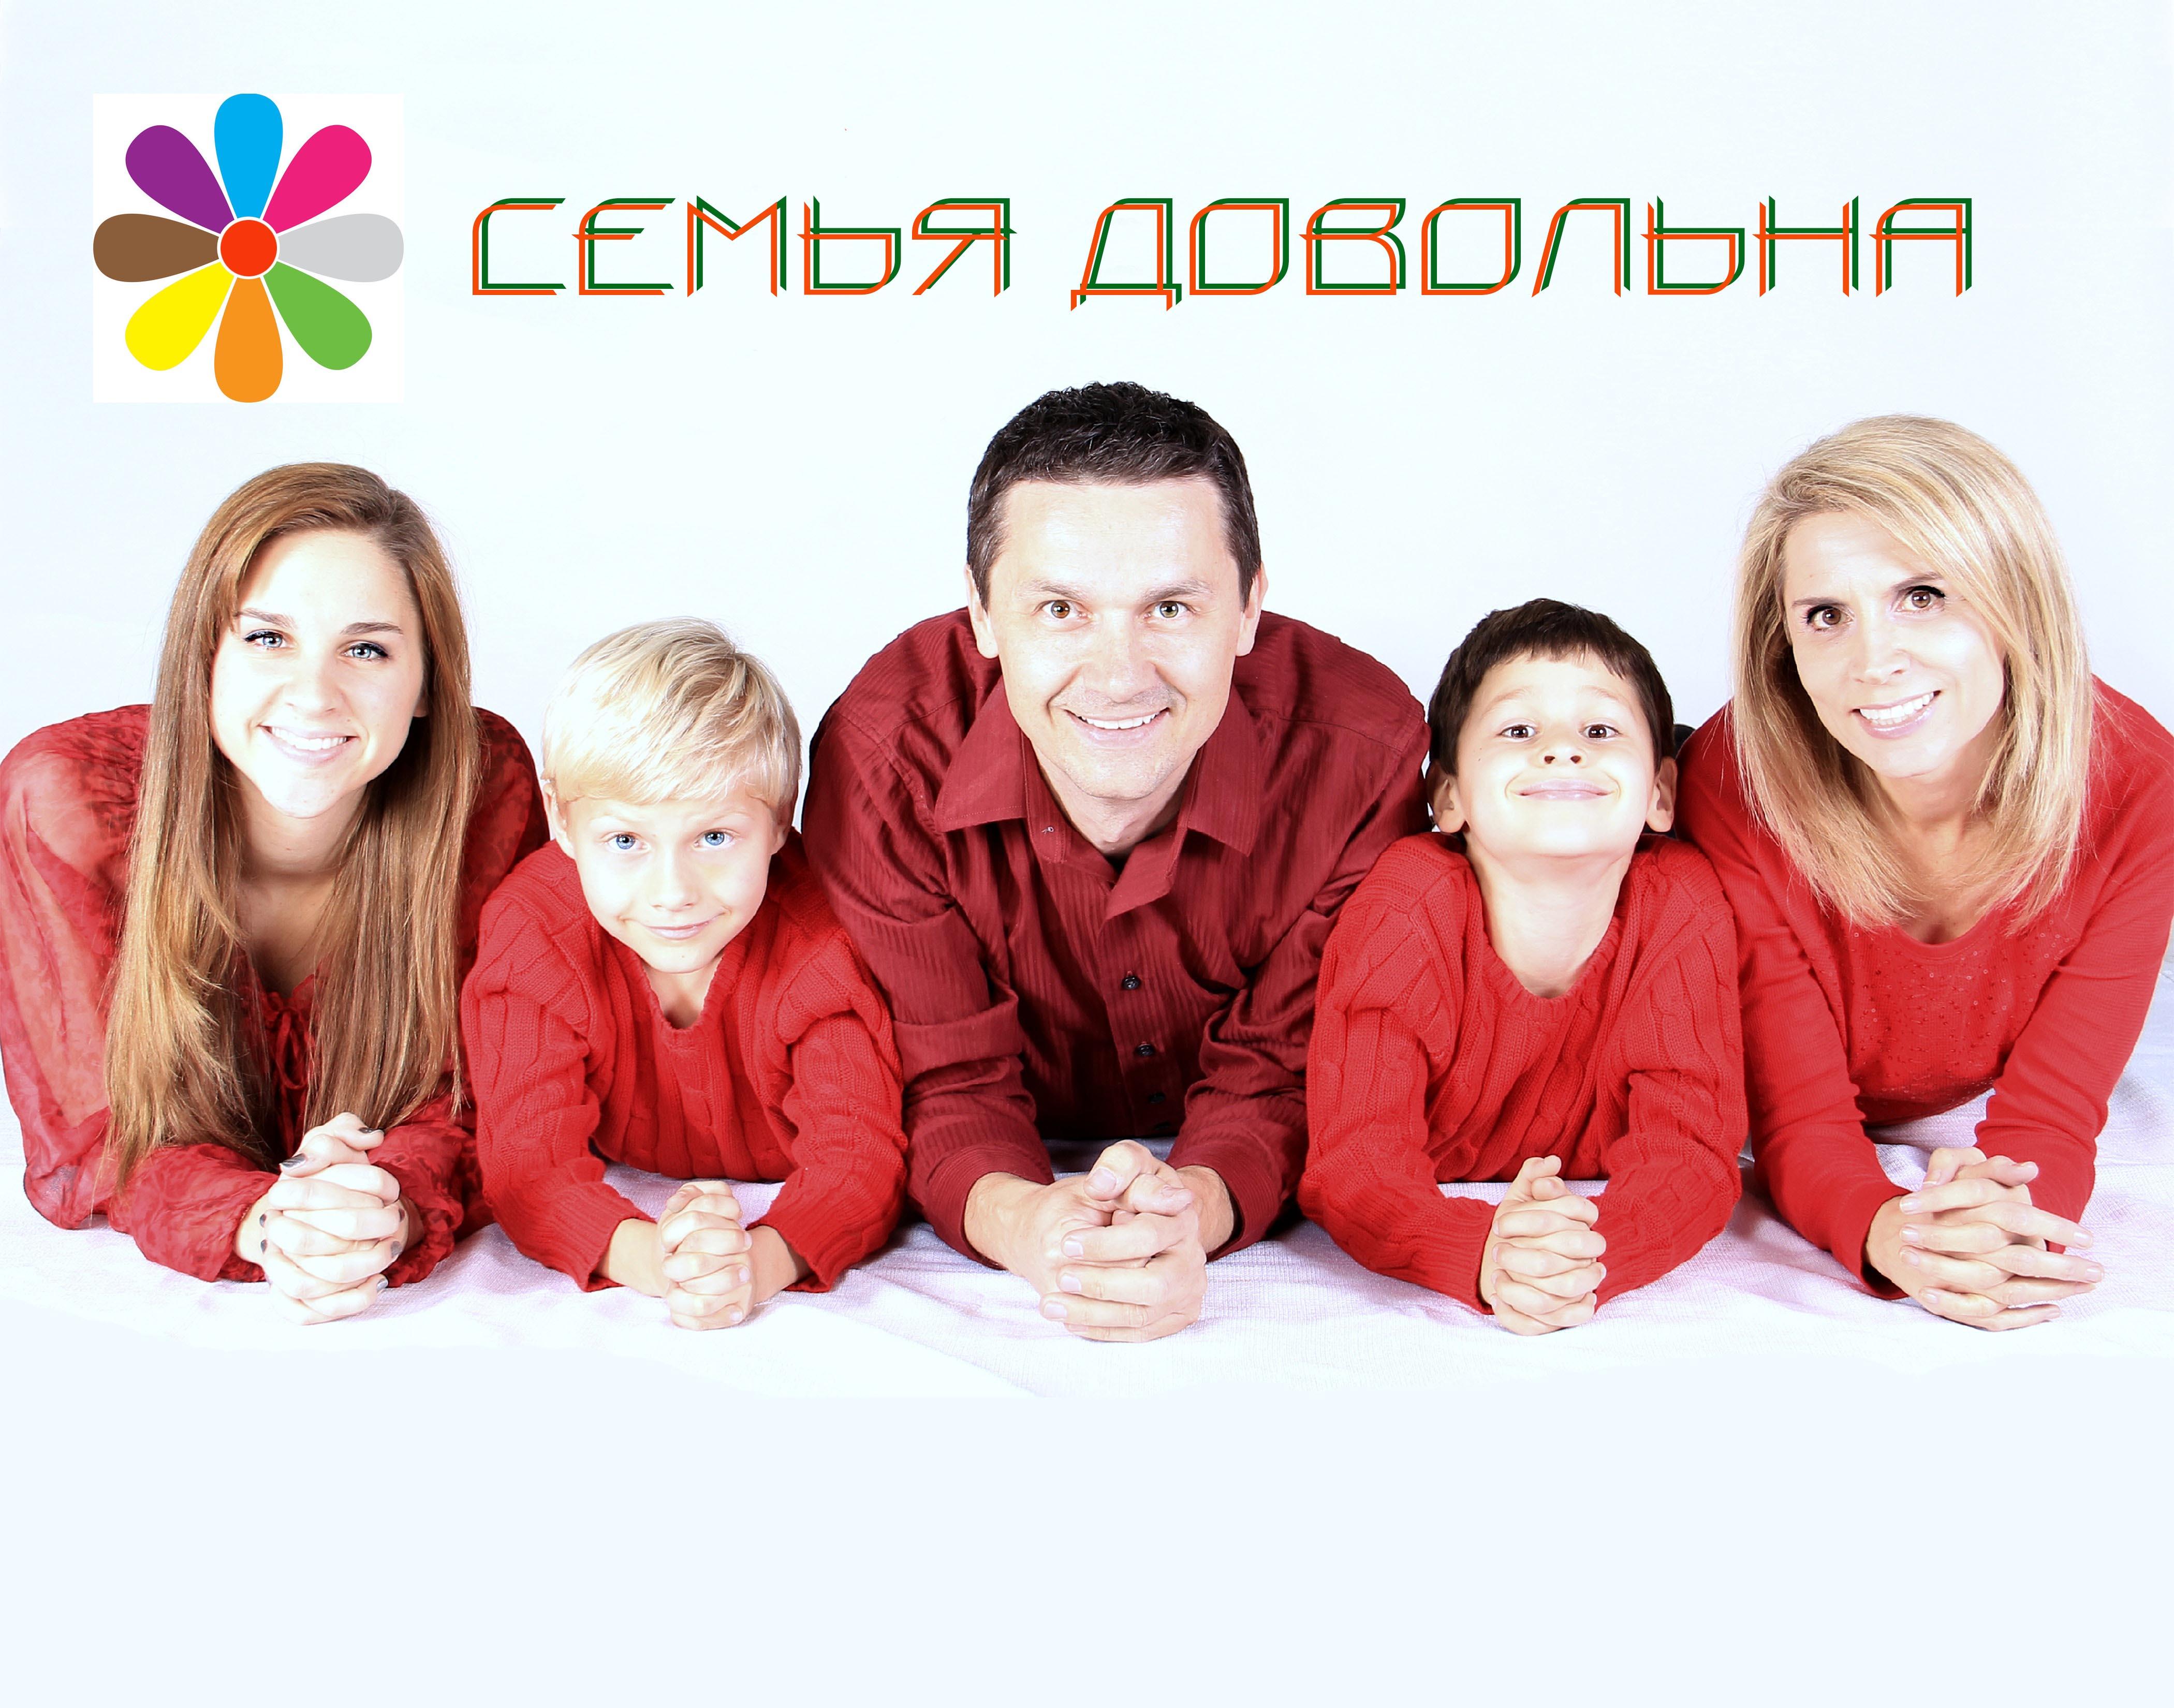 """Разработайте логотип для торговой марки """"Семья довольна"""" фото f_3135ba3ddb5a53ed.jpg"""